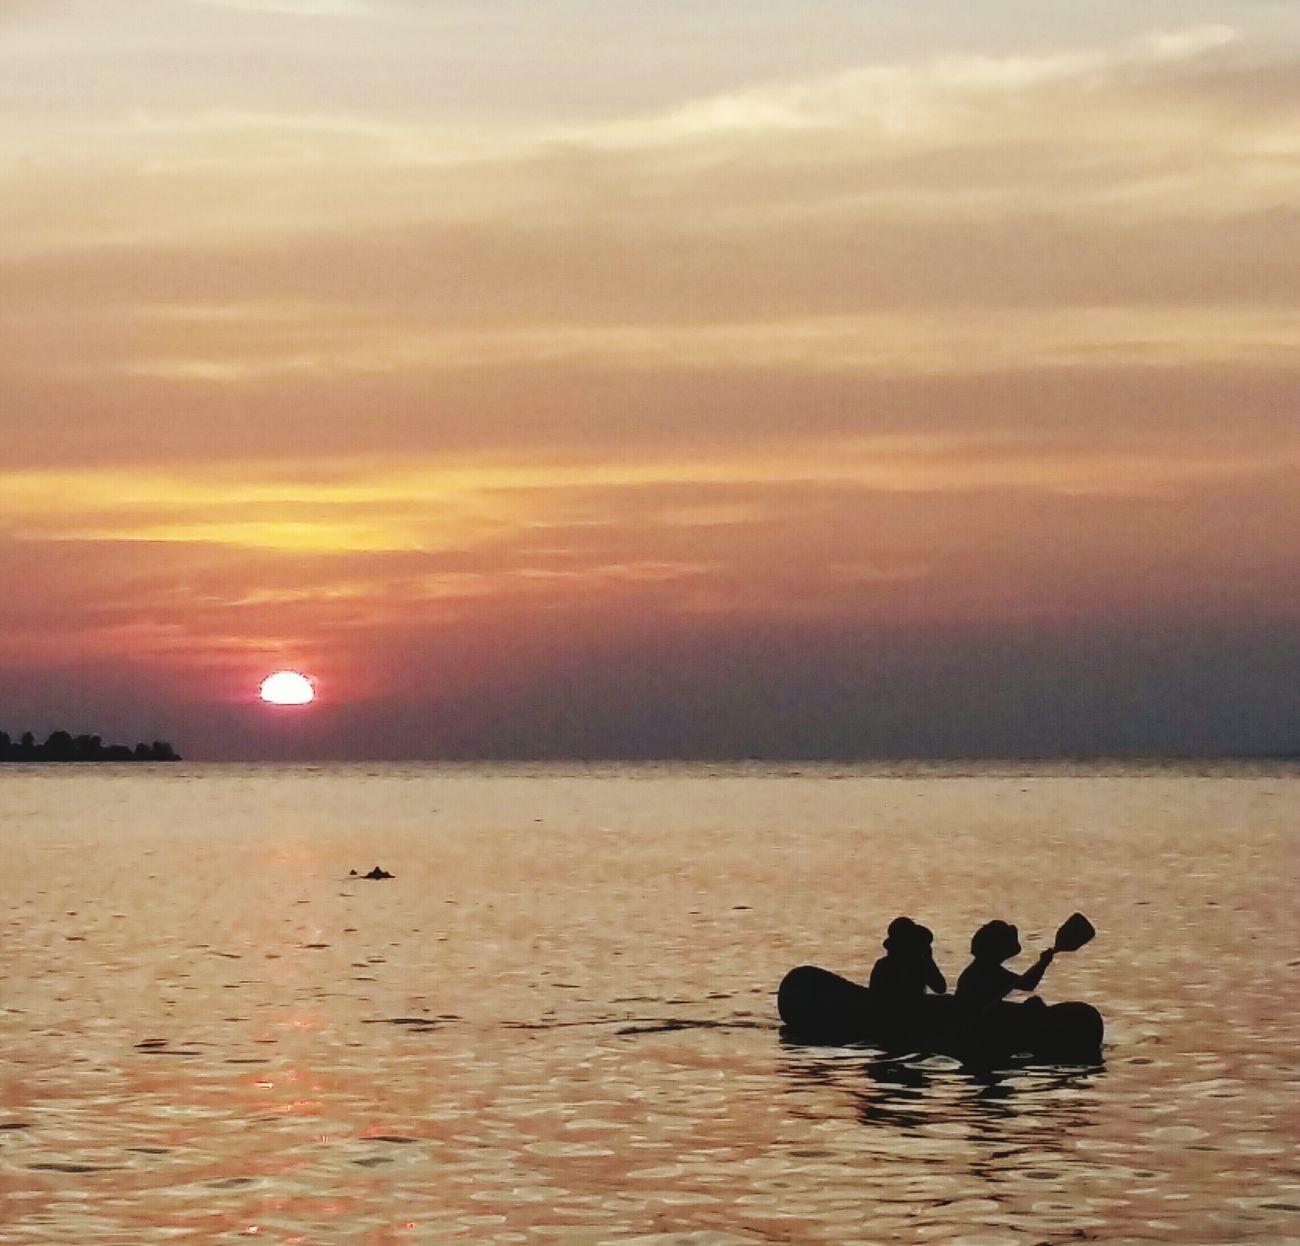 Sunset at Tanjung Gelam, Karimunjawa Island, Indonesia First Eyeem Photo